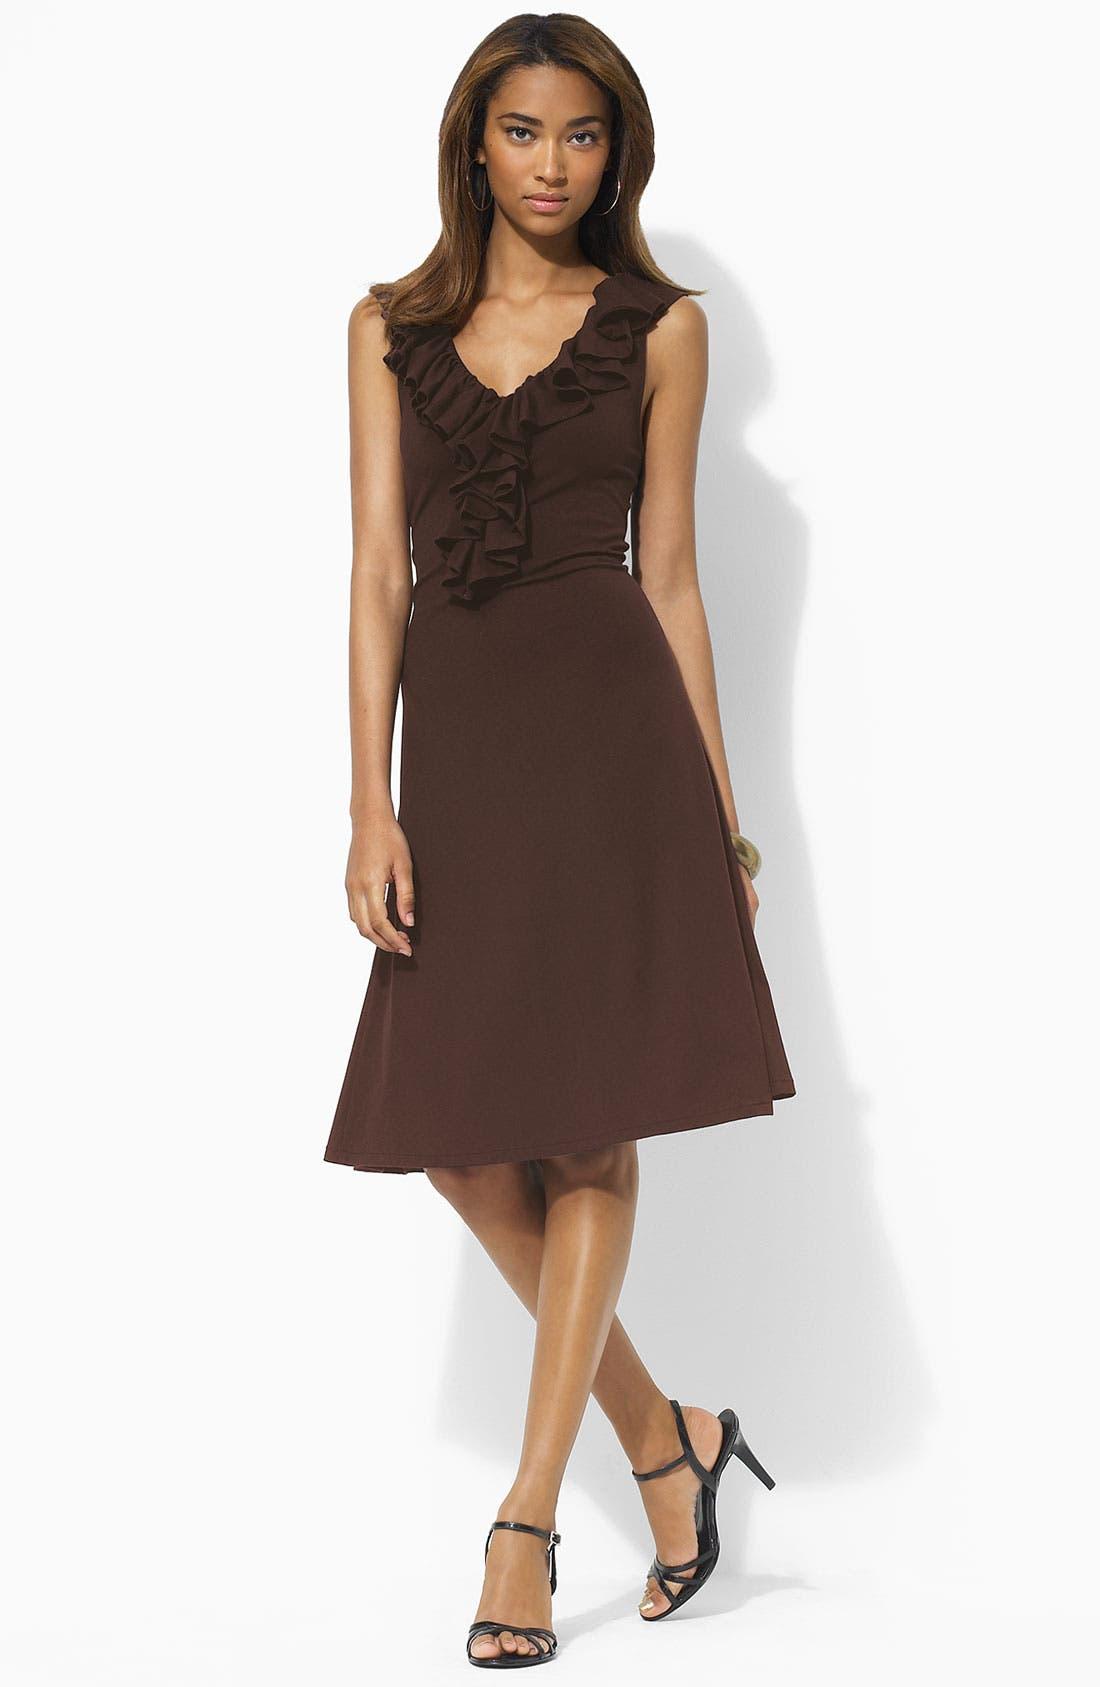 Alternate Image 1 Selected - Lauren by Ralph Lauren Ruffled V-Neck Dress (Petite)